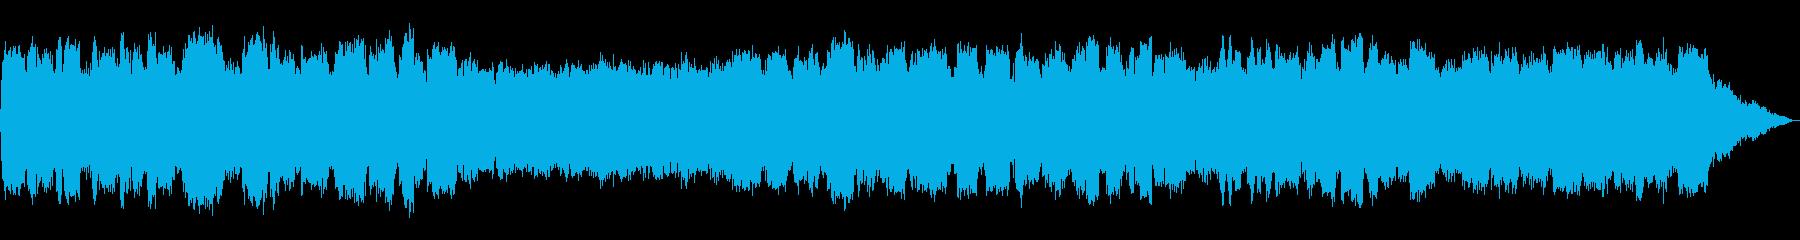 低い竹笛の音色のヒーリングミュージックの再生済みの波形